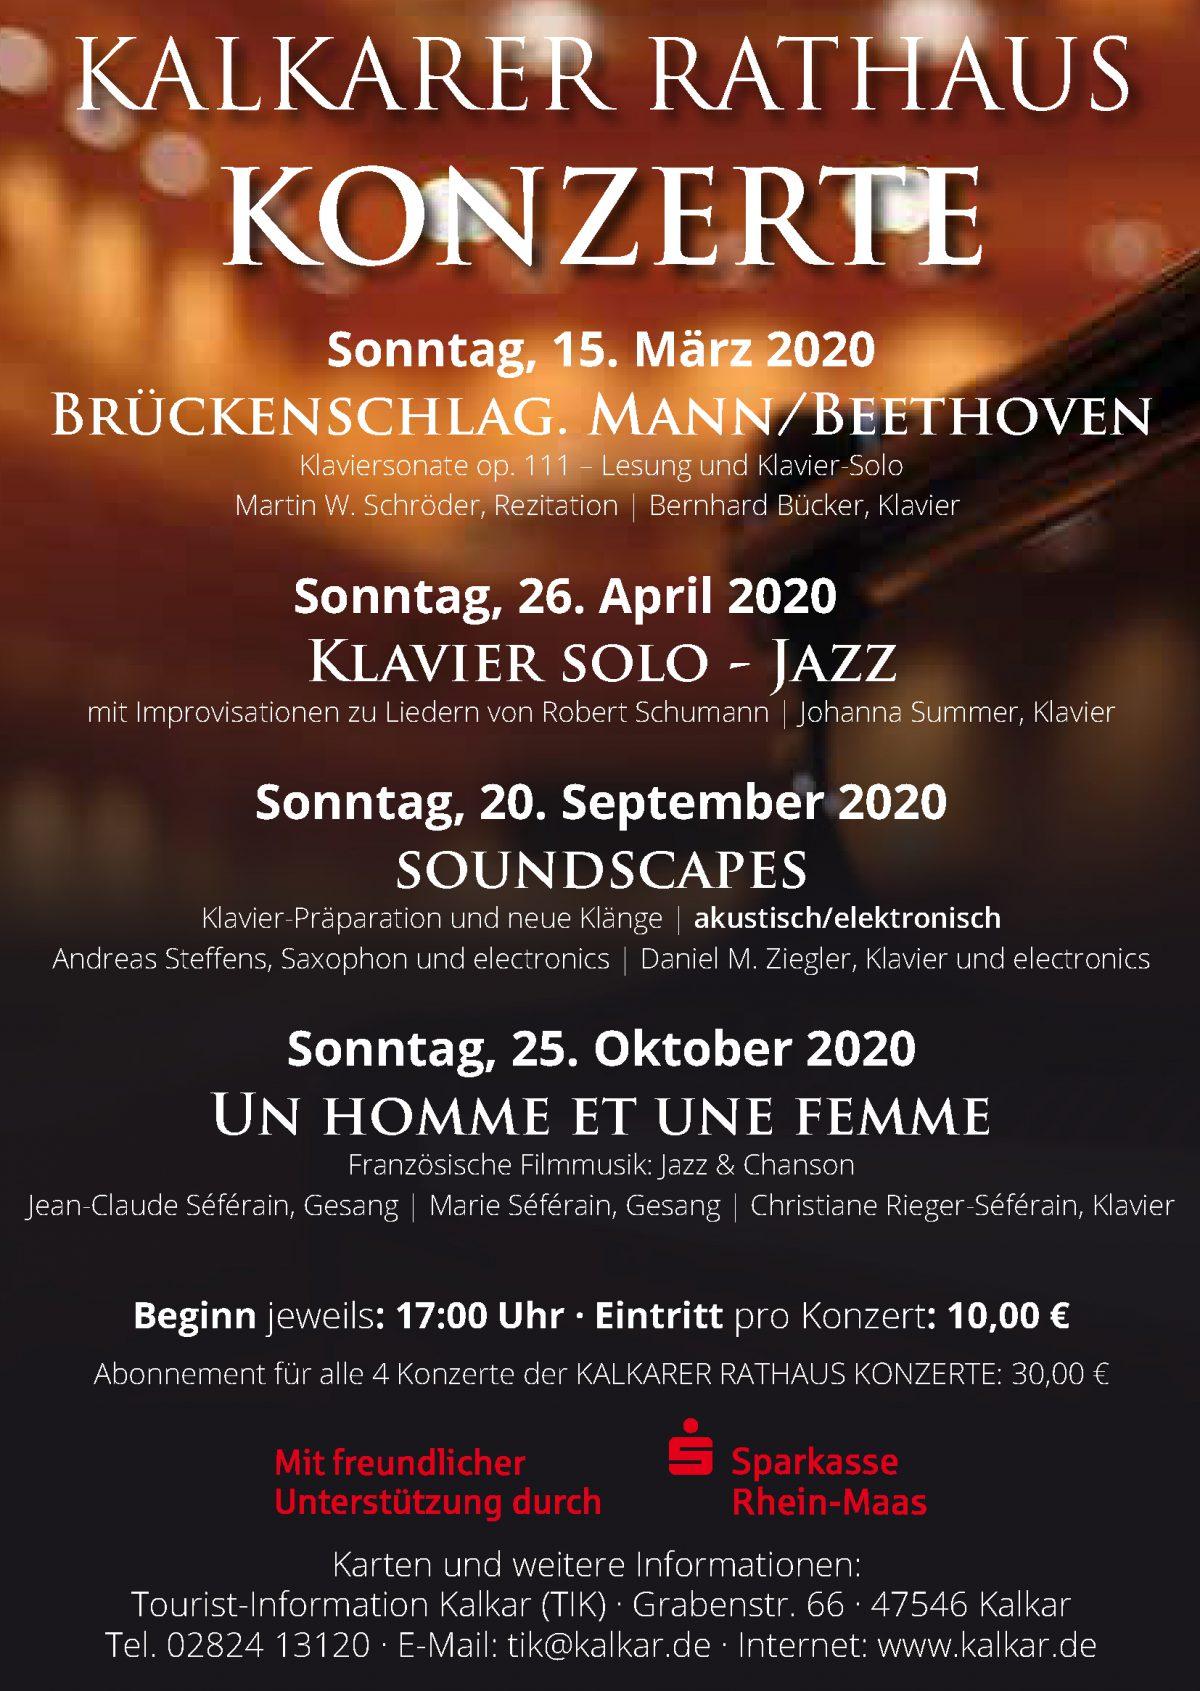 Steffens/Ziegler 20.09.2020, Rathauskonzerte Kalkar, 17:00 Uhr